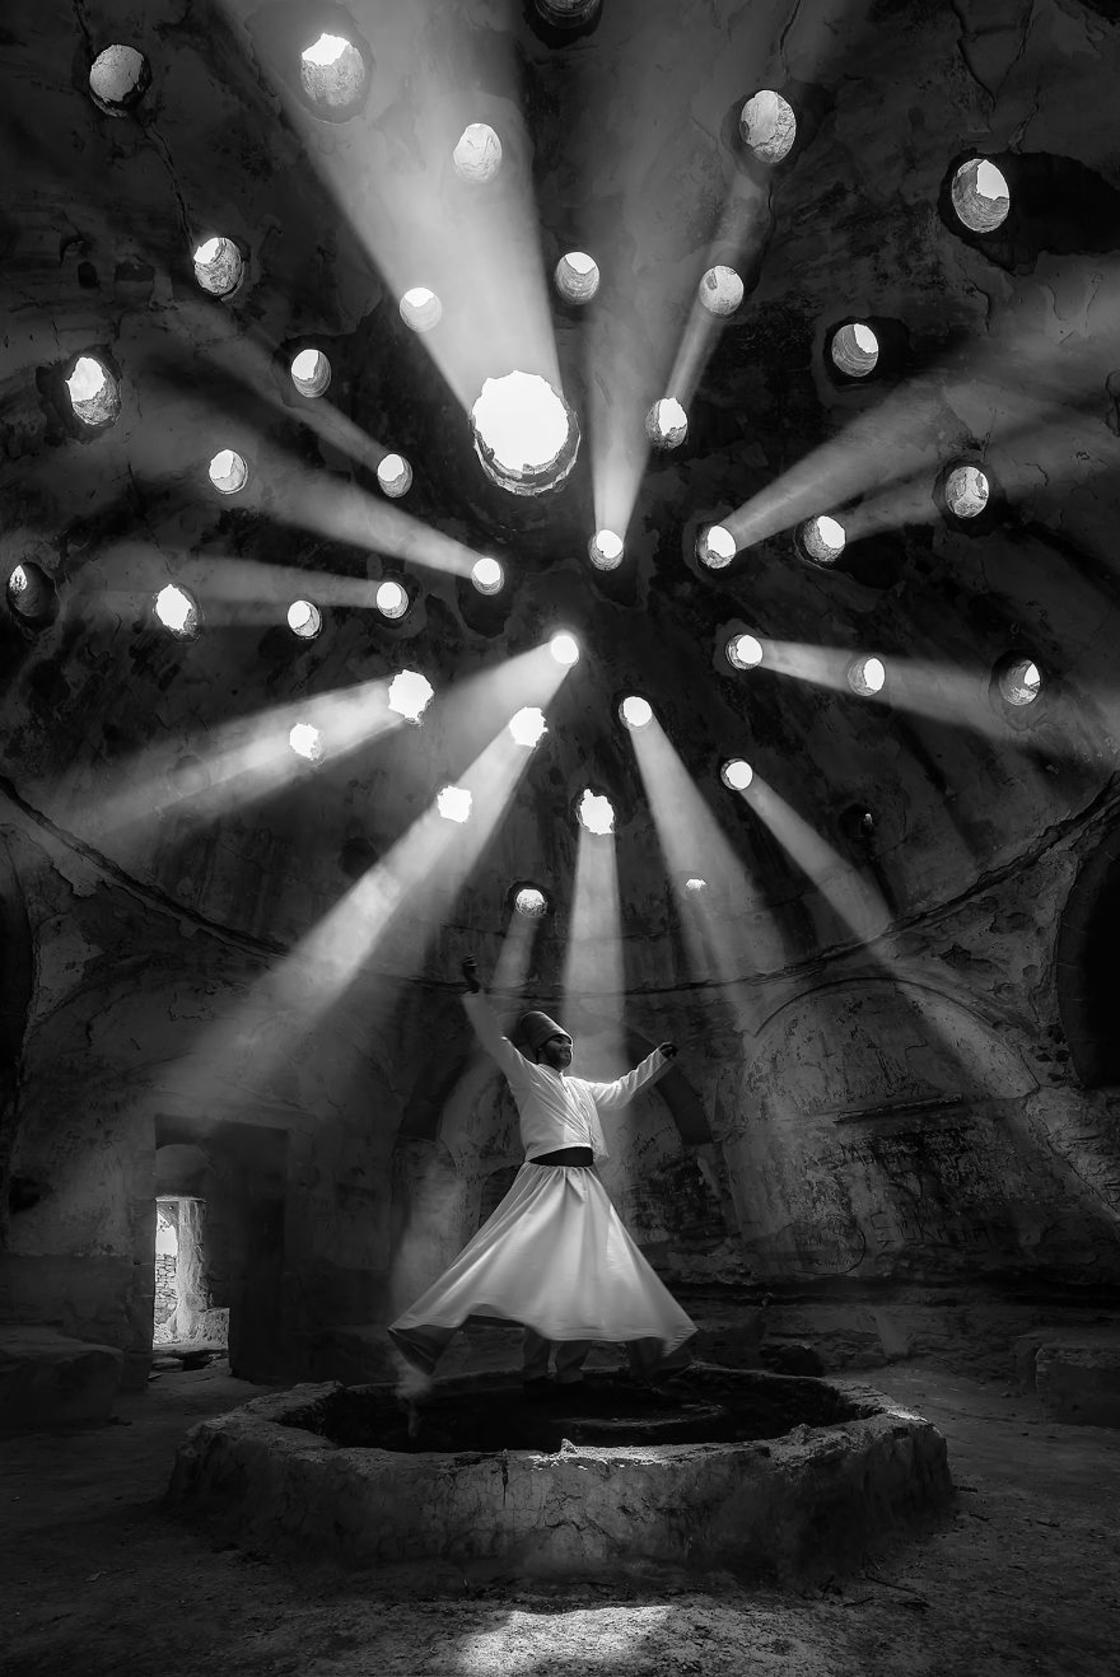 © F. DILEK UYAR